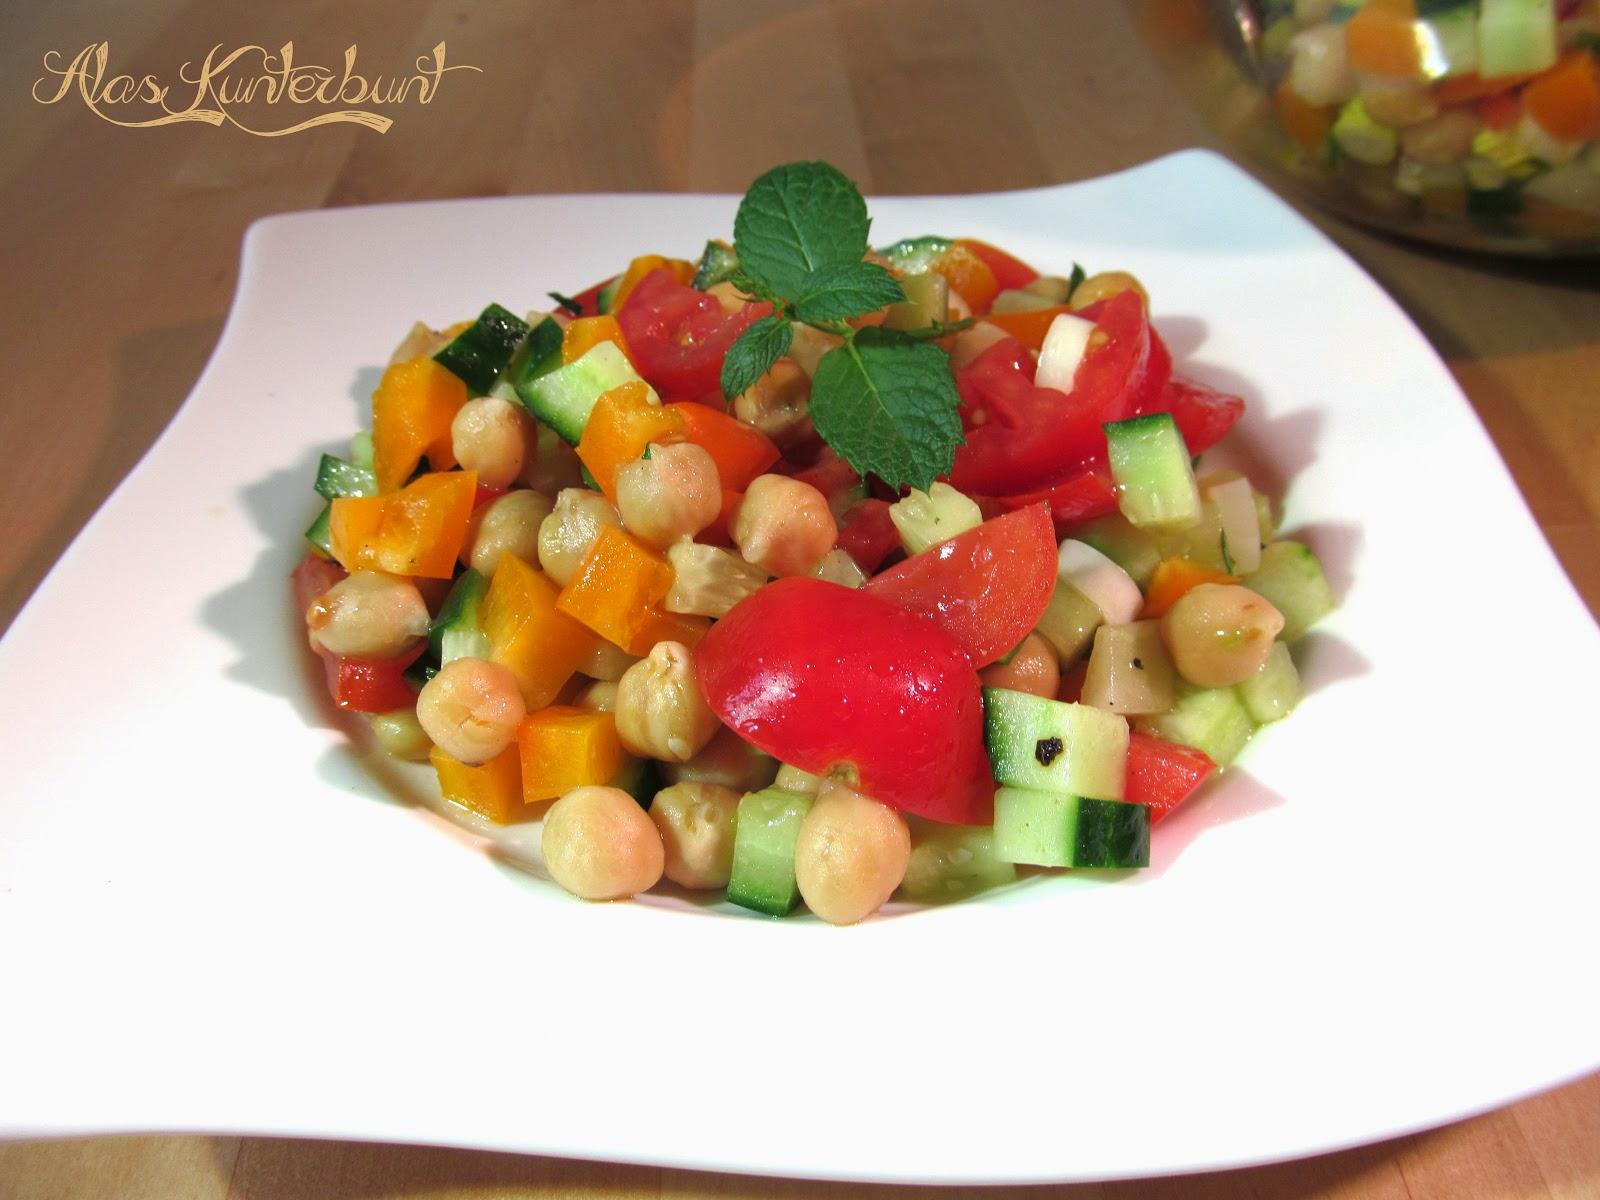 orientalischer Kichererbsensalat | Ala's Kunterbunt wenig Aufwand und schnell ein Sommergericht